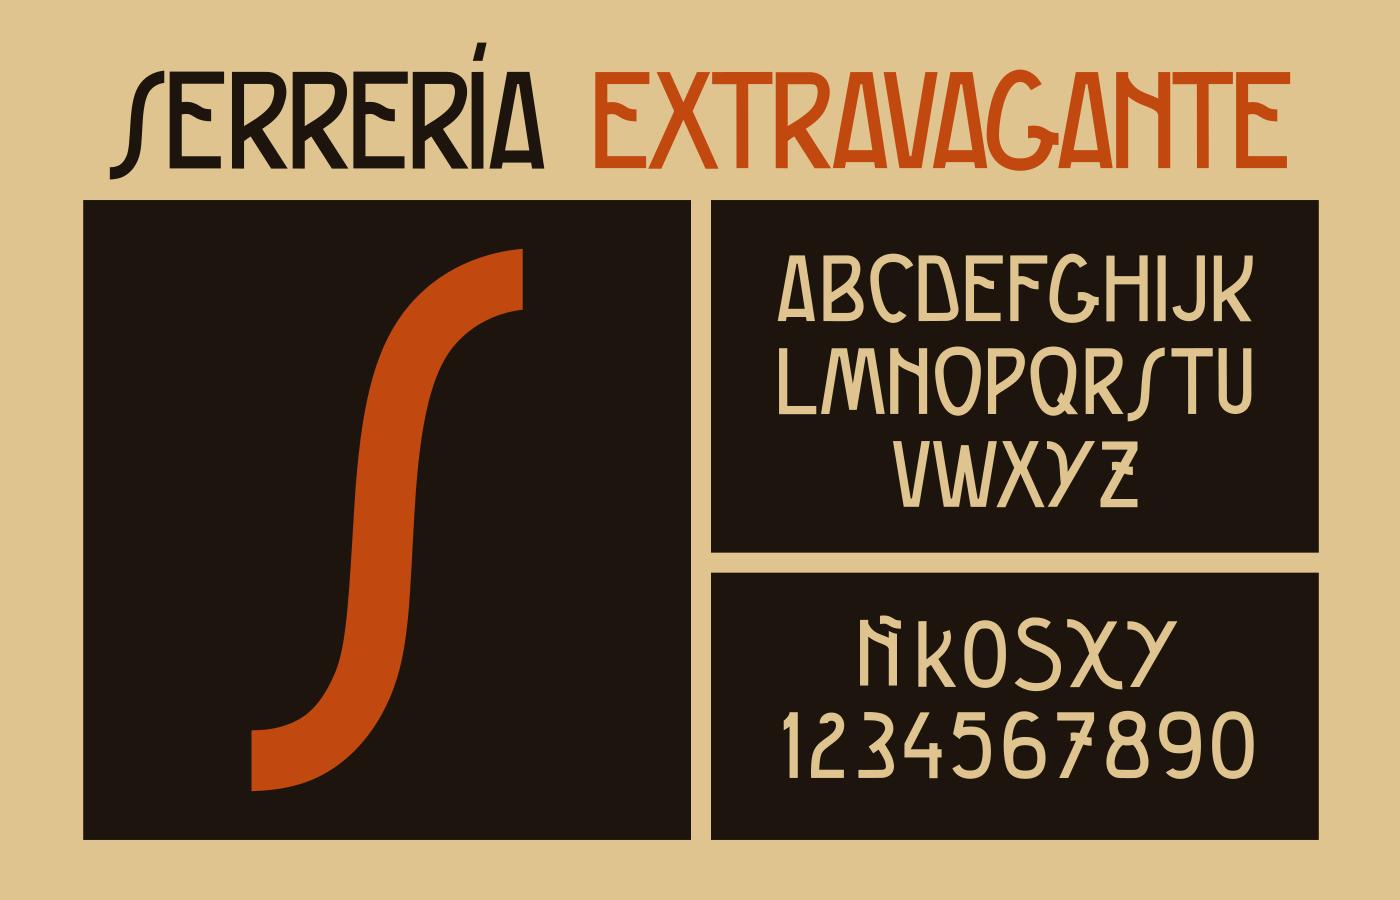 MFI Serrería Extravagante specimen